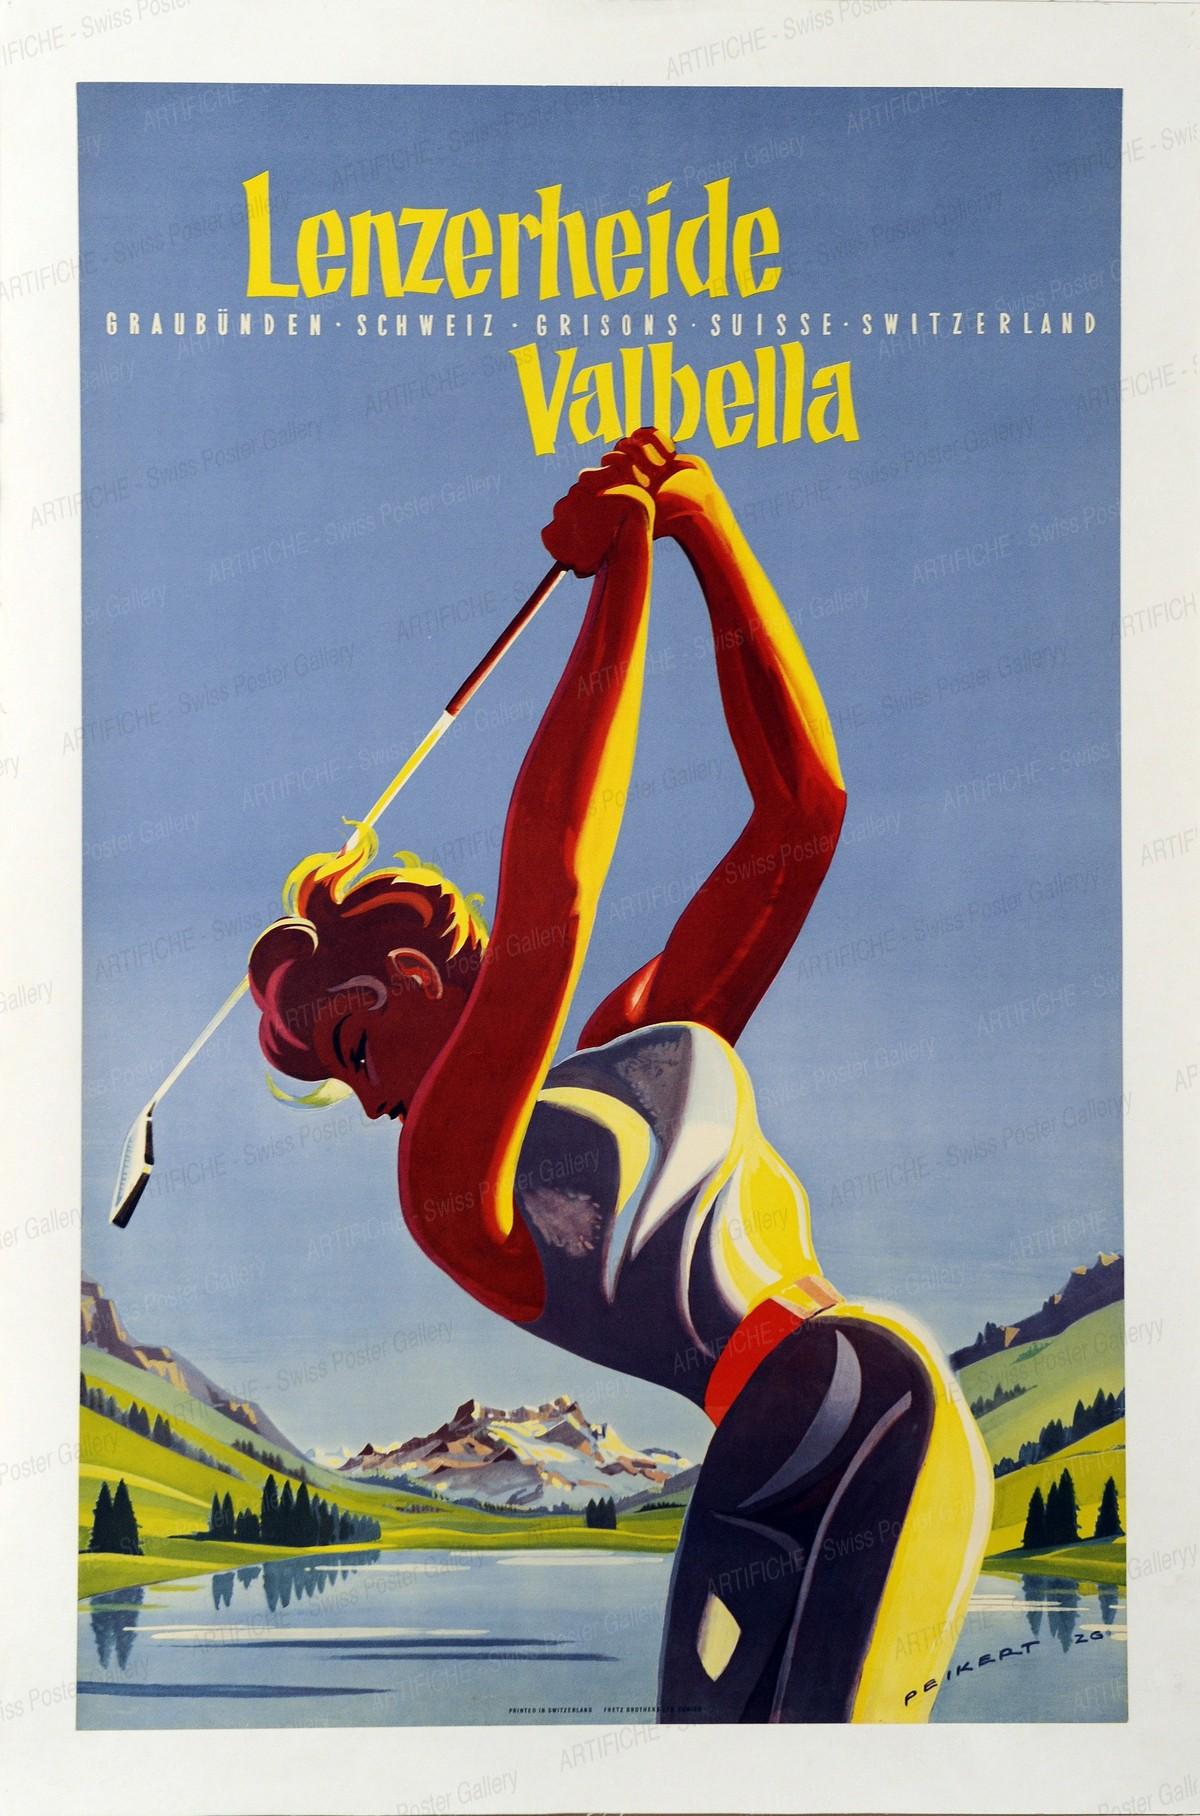 Lenzerheide – Valbella – Graubünden Schweiz – Grisons Suisse Switzerland, Martin Peikert